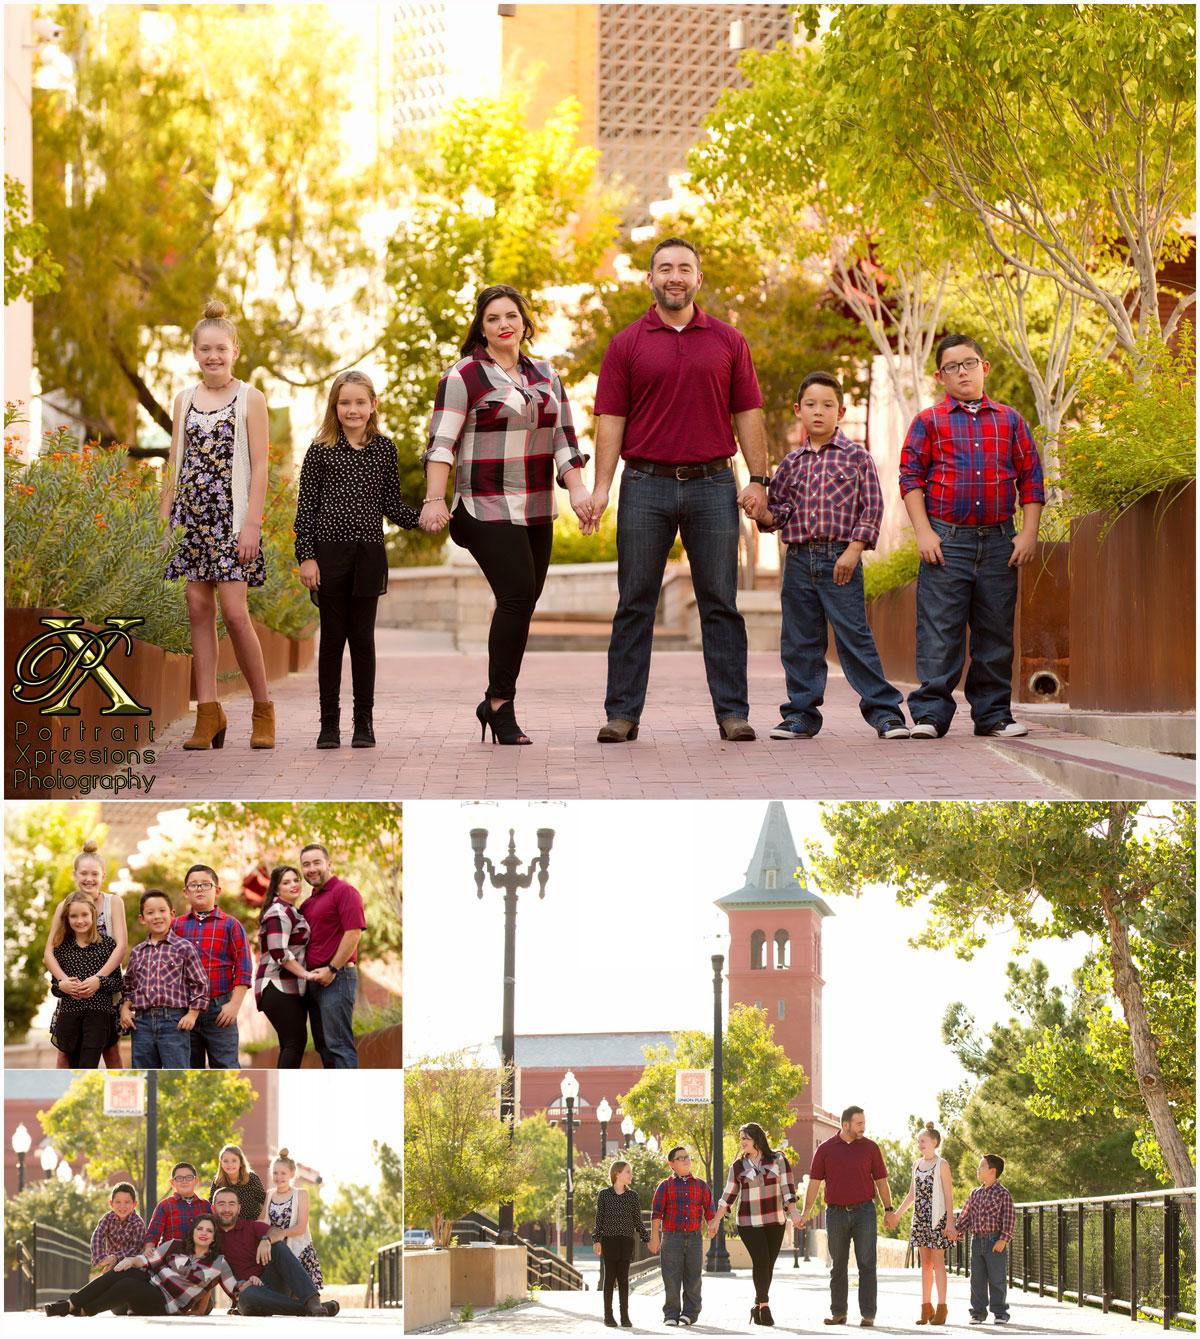 El Paso family portrait photography